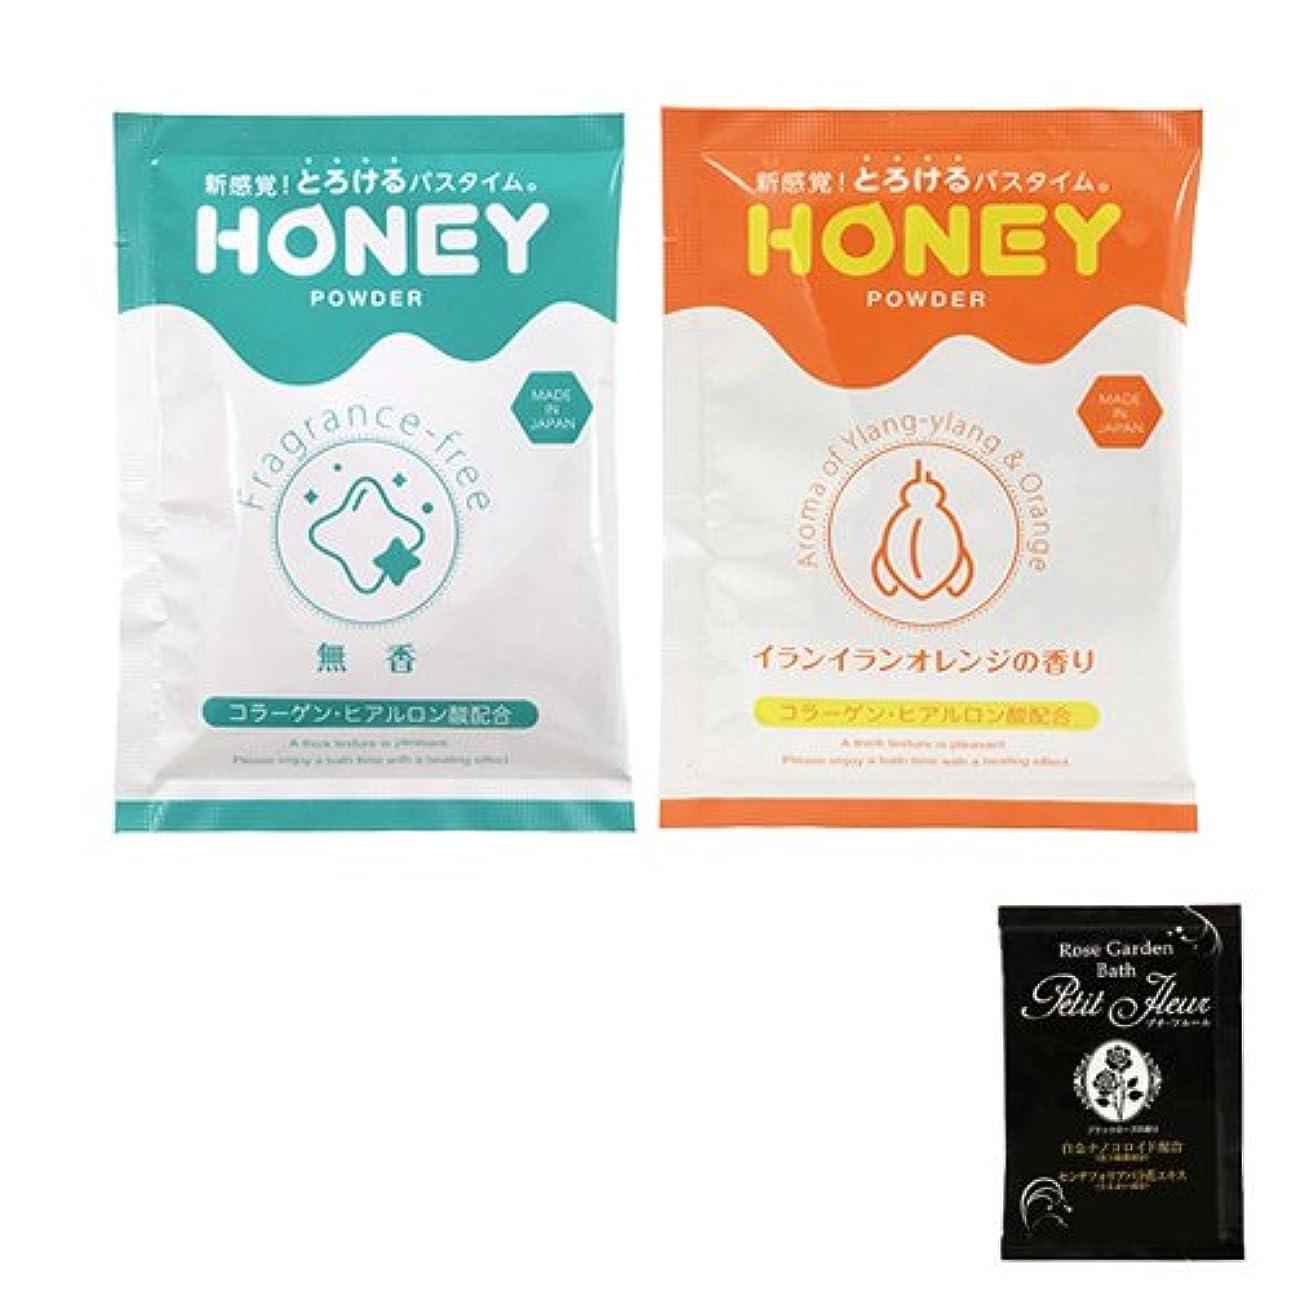 きらきら尽きる穏やかなとろとろ入浴剤【honey powder】粉末タイプ イランイランオレンジの香り + 無香 + 入浴剤(プチフルール)1回分